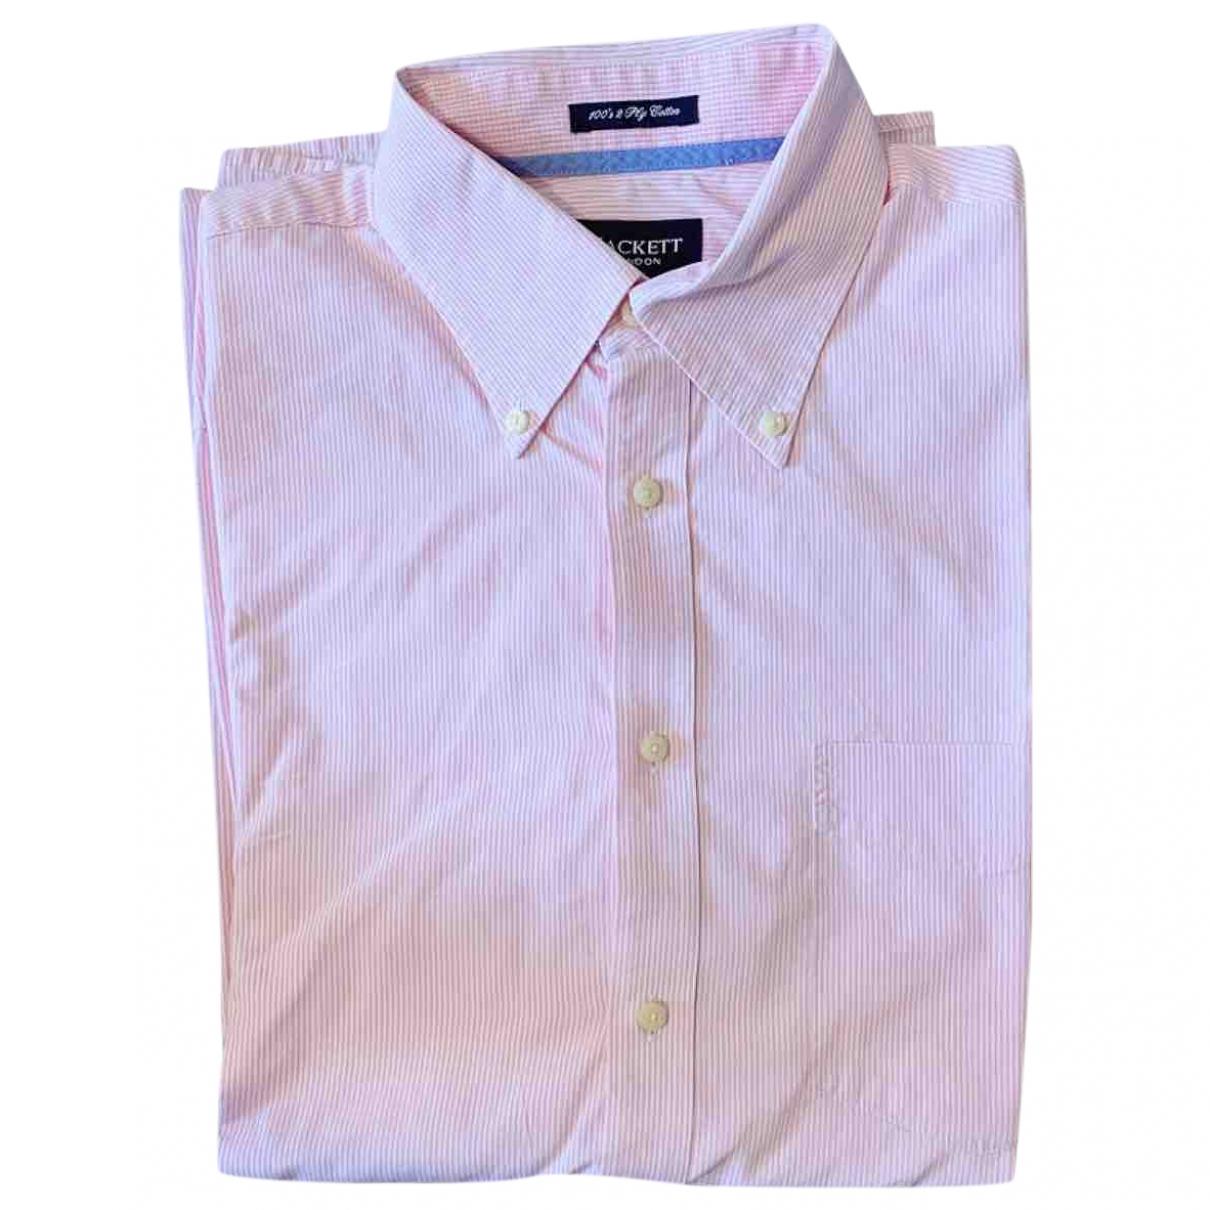 Hackett London \N Hemden in  Rosa Baumwolle